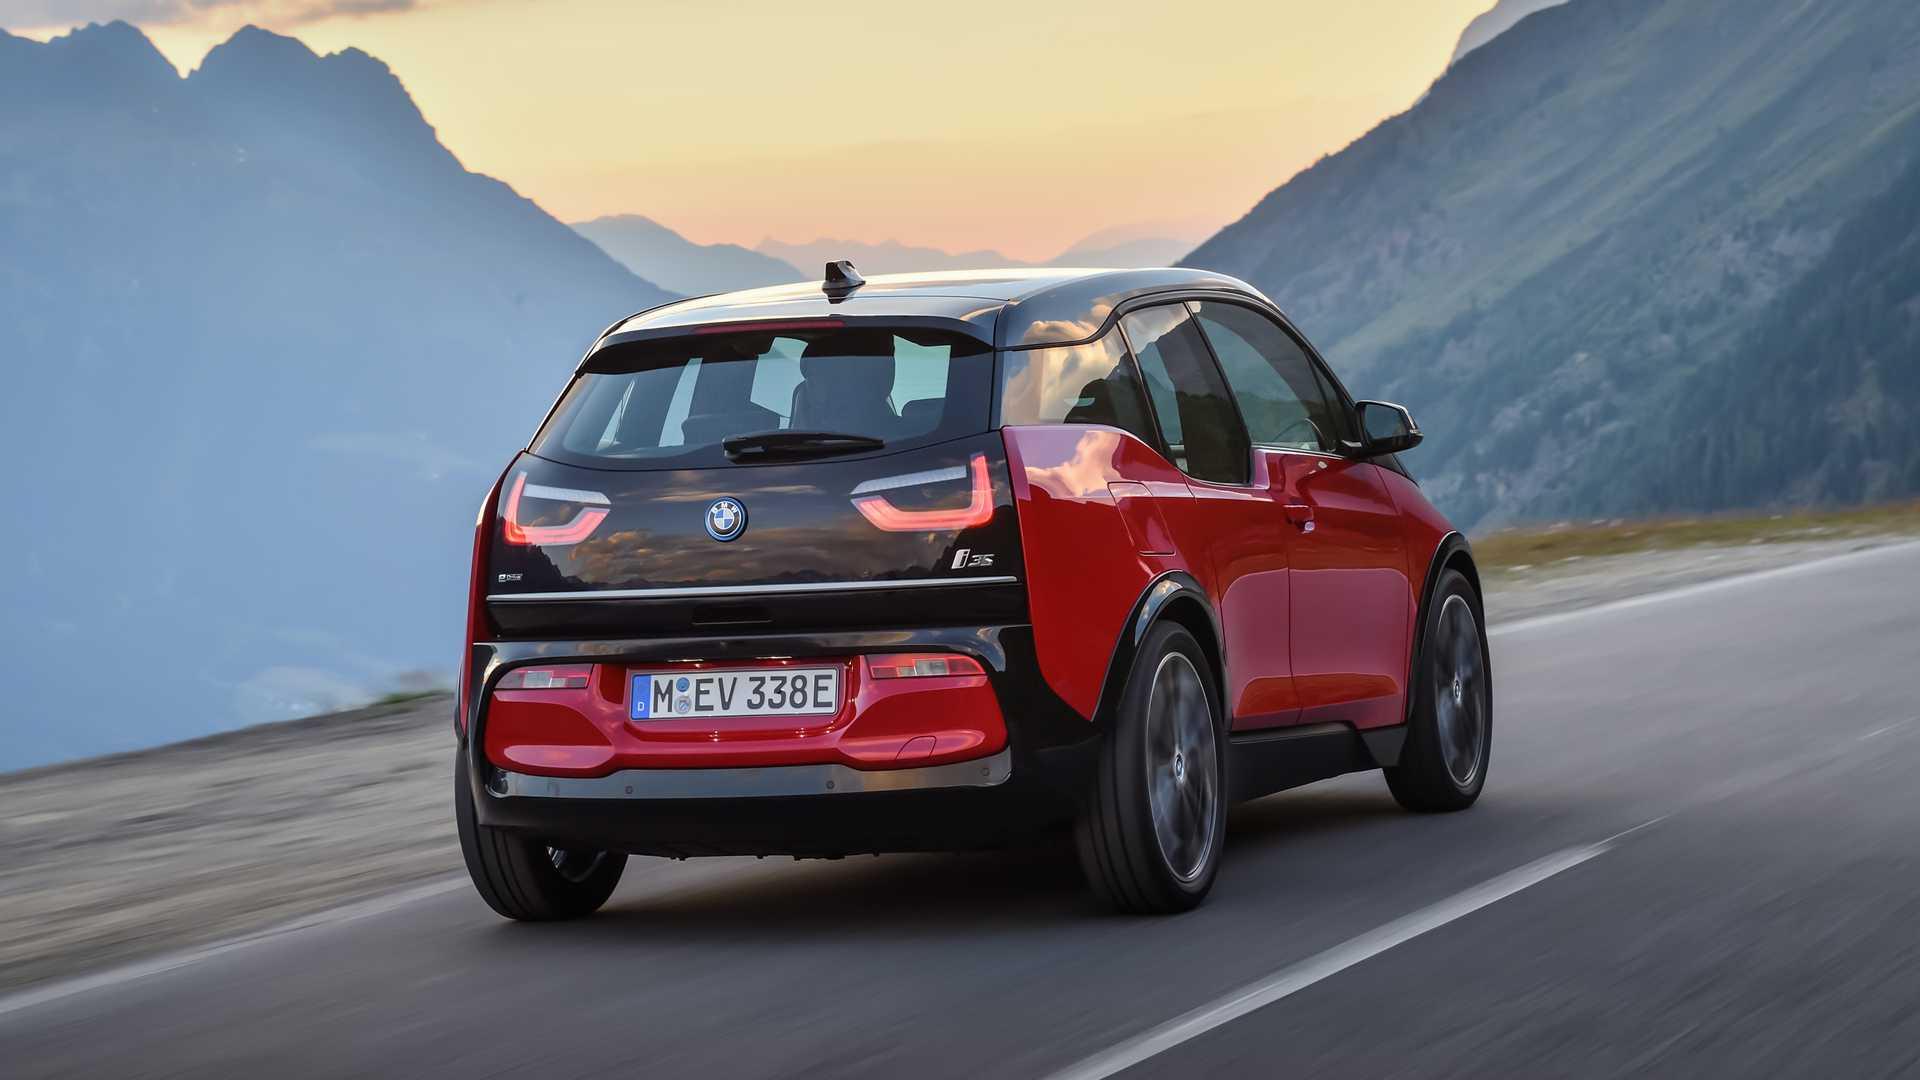 5. BMW i3